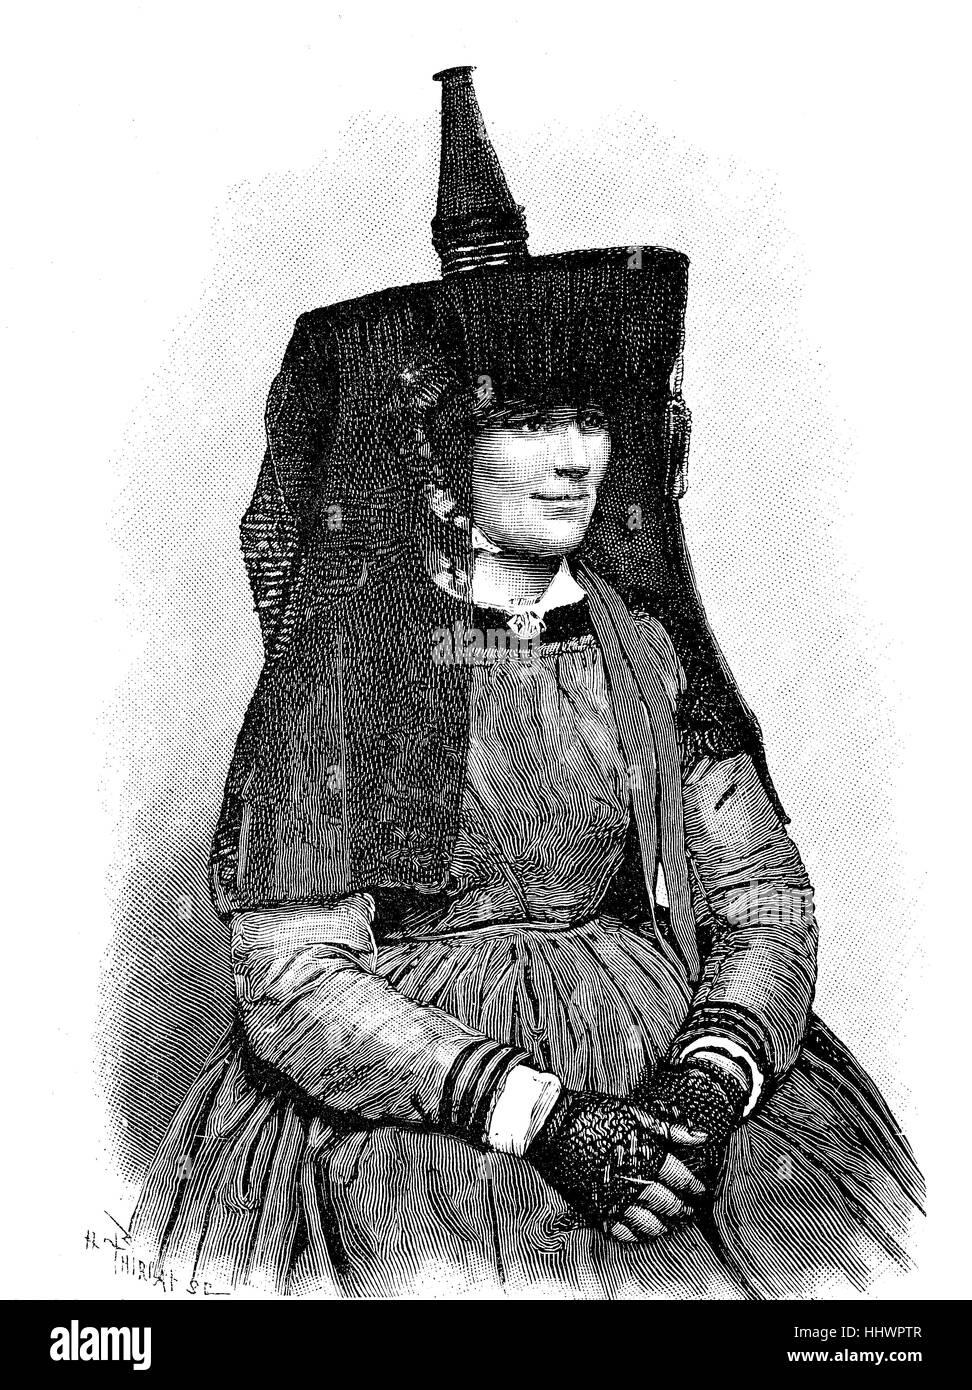 Folclore francés, el vestuario de la mujer campesina de Bresse, imagen histórica o ilustración, publicado Imagen De Stock